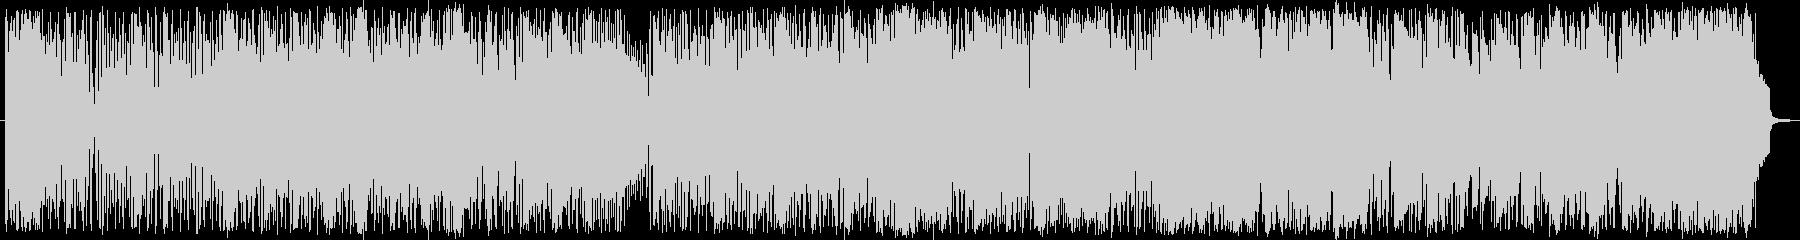 ファンクなスラップベースのフュージョン曲の未再生の波形